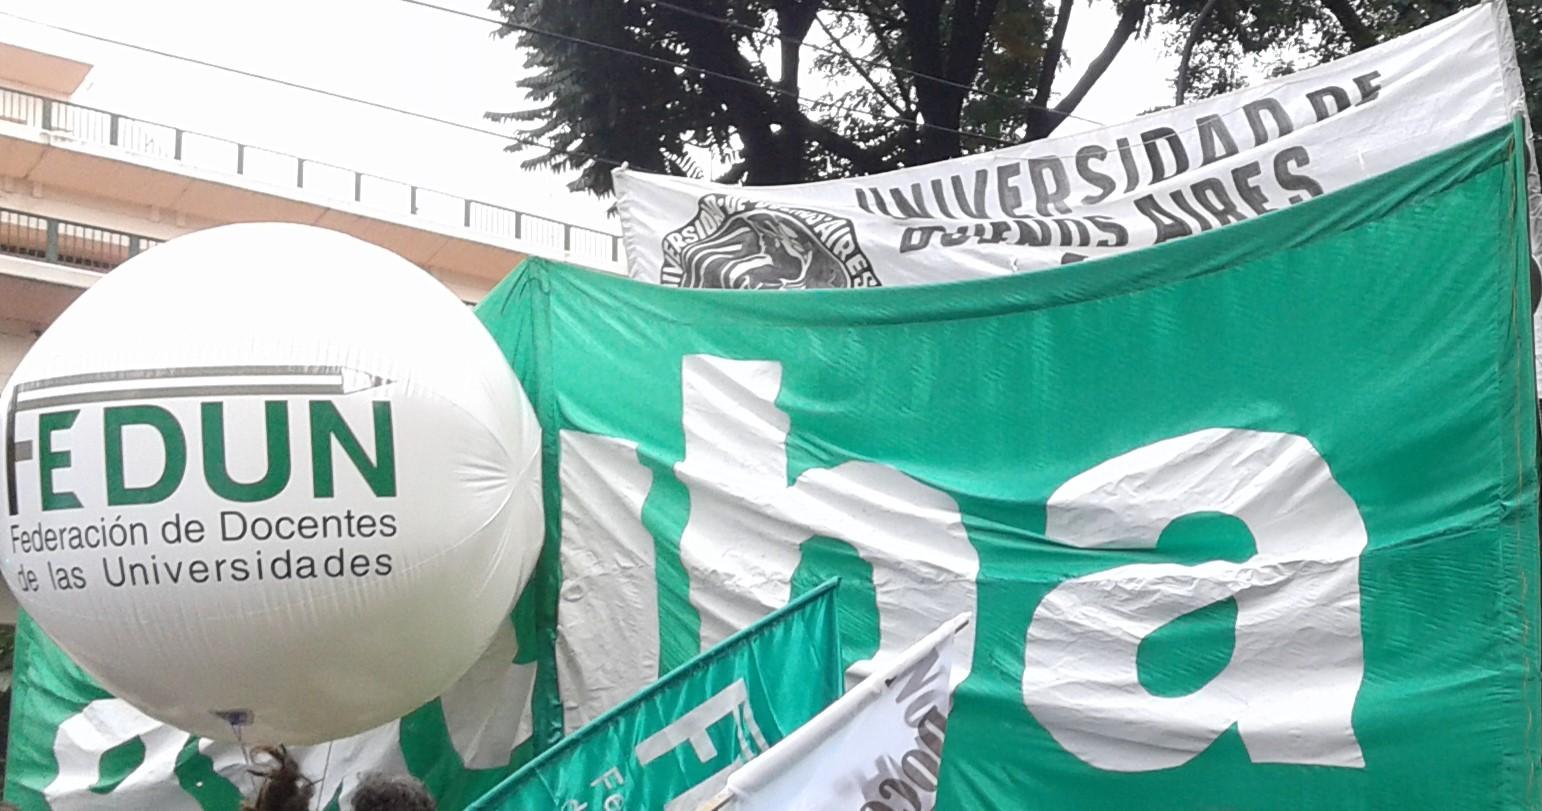 Ante la falta de respuestas a nuestras demandas ratificamos el plan de lucha con asambleas, clases públicas, movilizaciones, y Paro Nacional el  6 de Abril